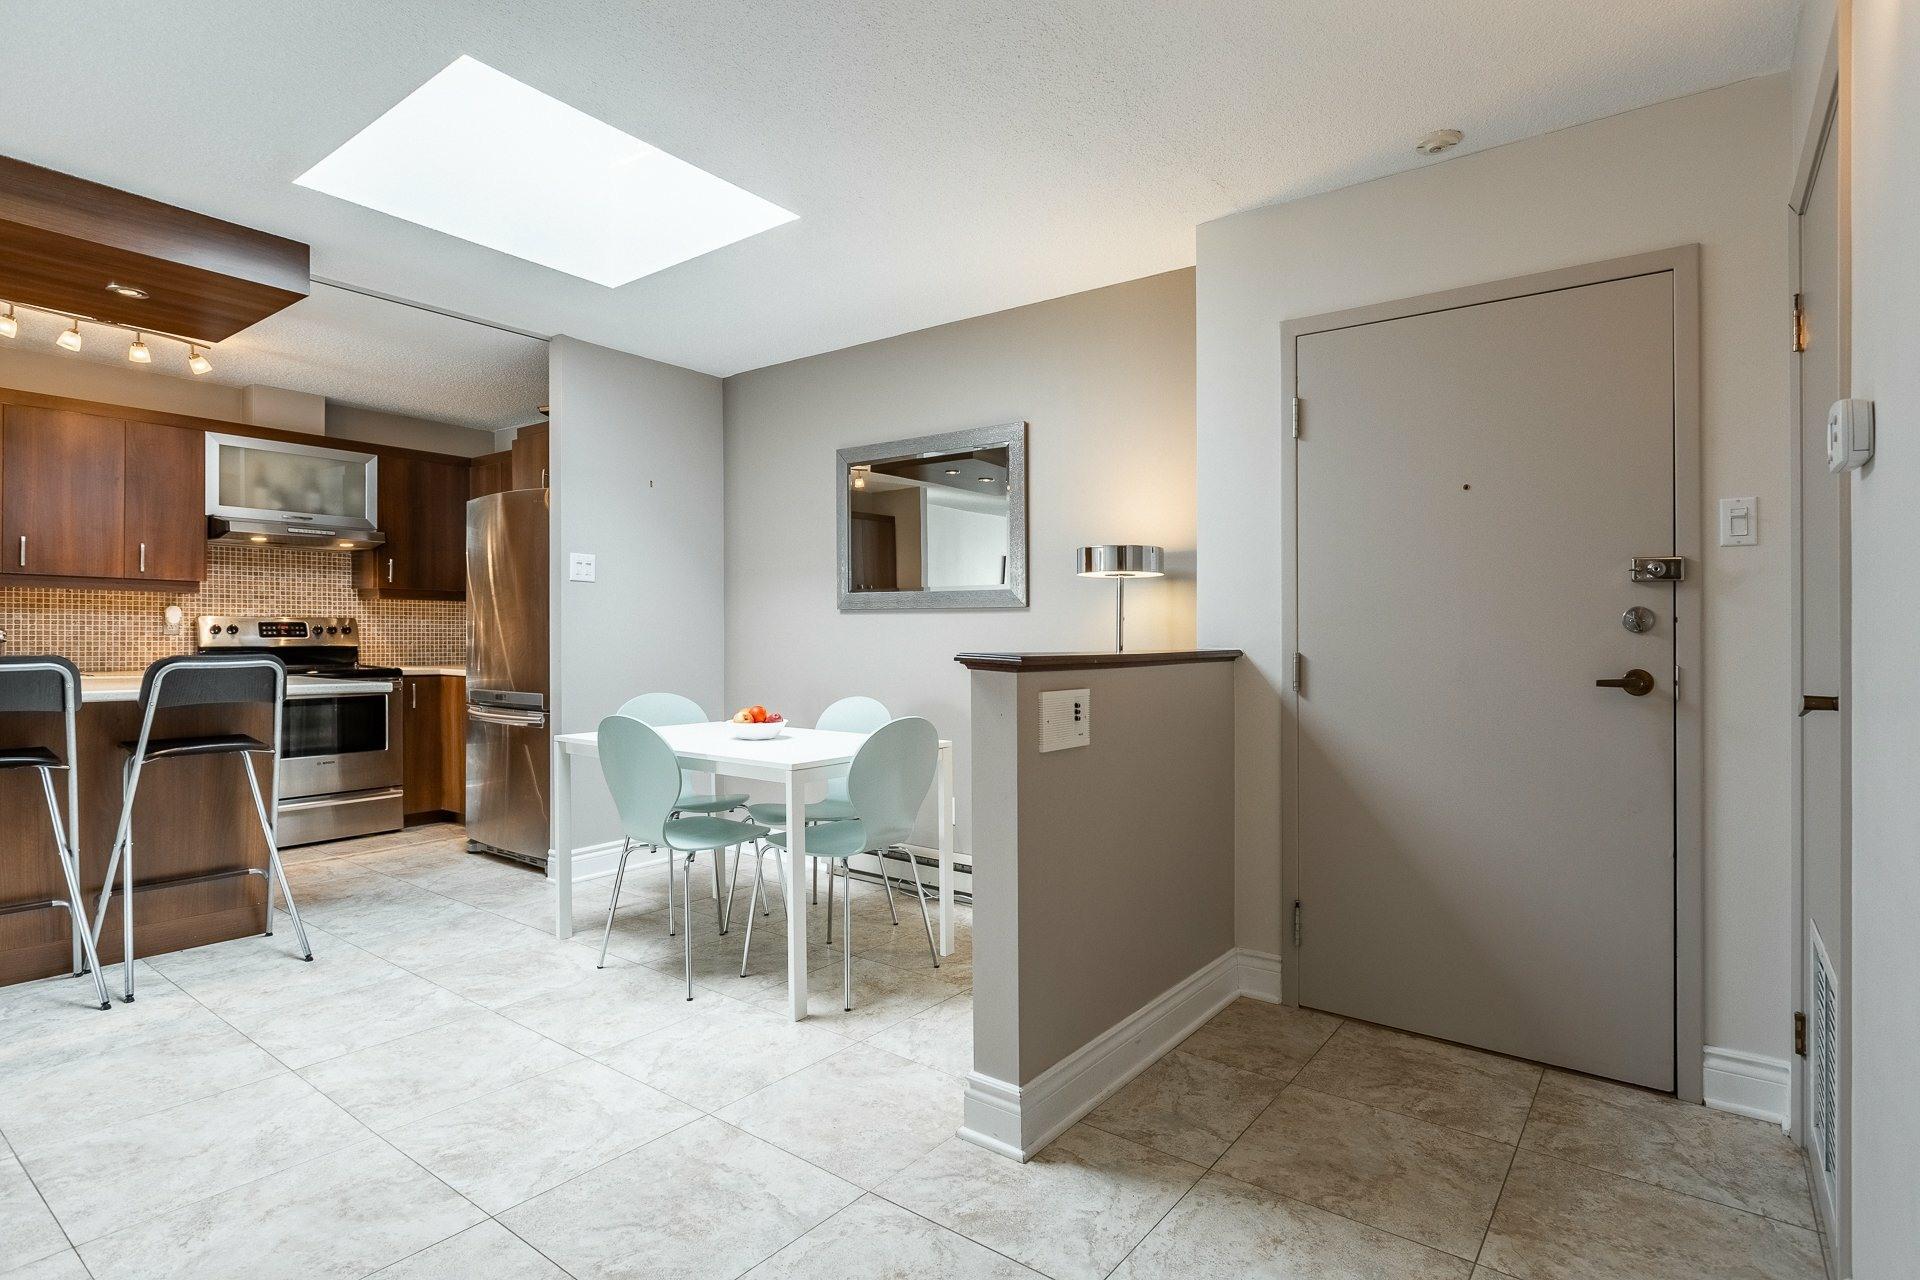 image 7 - Appartement À vendre Montréal Le Plateau-Mont-Royal  - 8 pièces